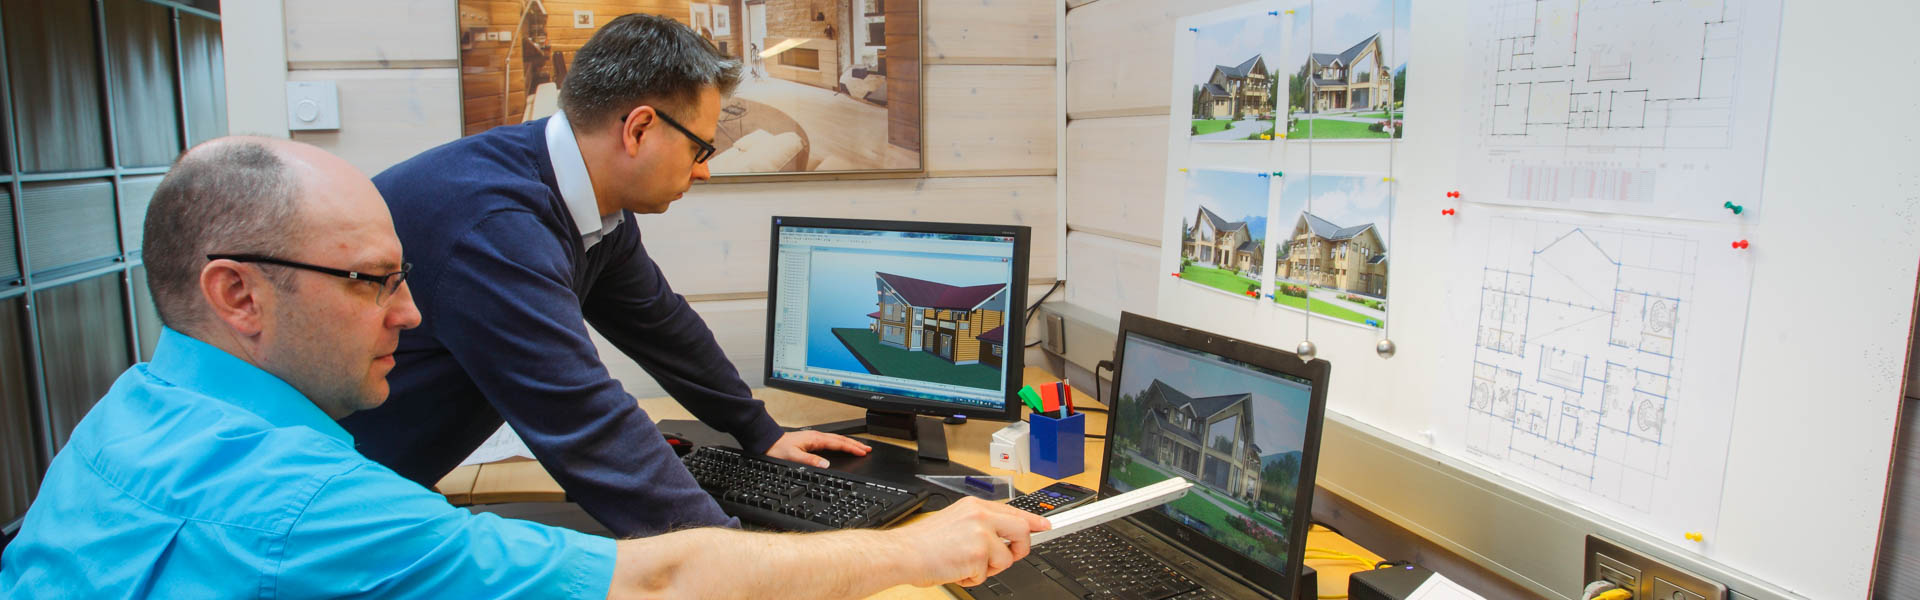 Nos esforzaremos para construir una casa que cumpla las expectativas del futuro dueño y se vea reflejado tanto él como su estilo de vida.